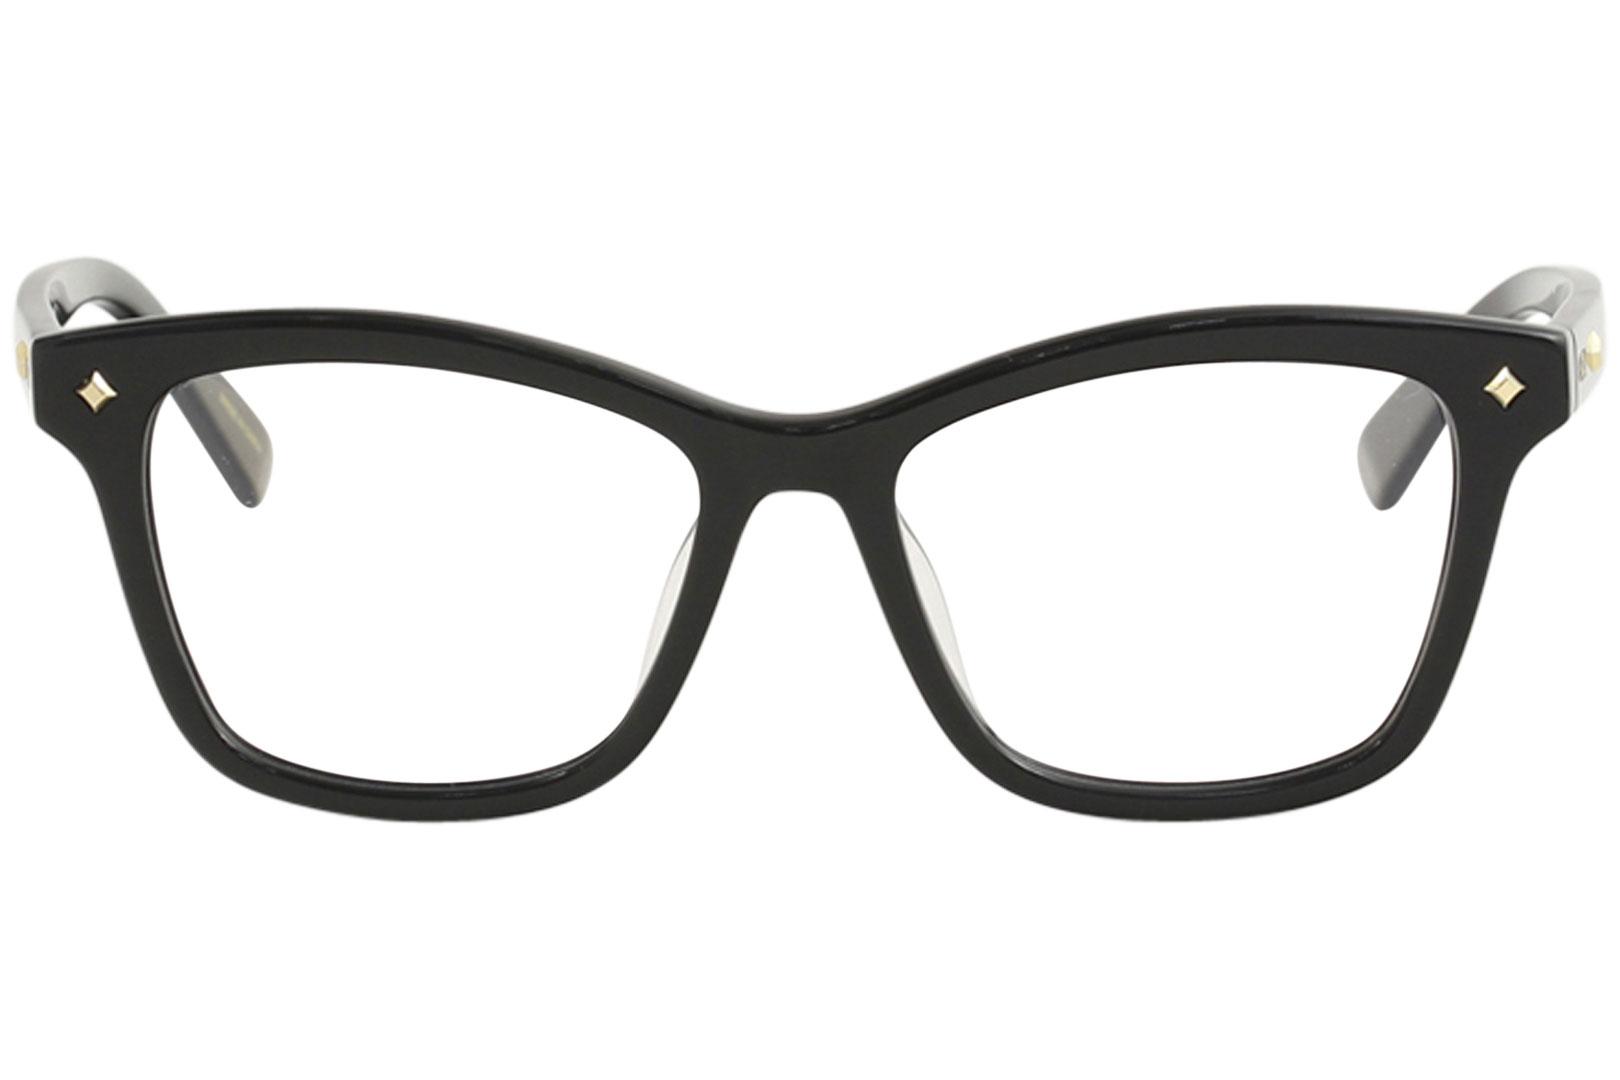 f49b018667 Eyeglasses MCM 2614 001 BLACK - Walmart.com